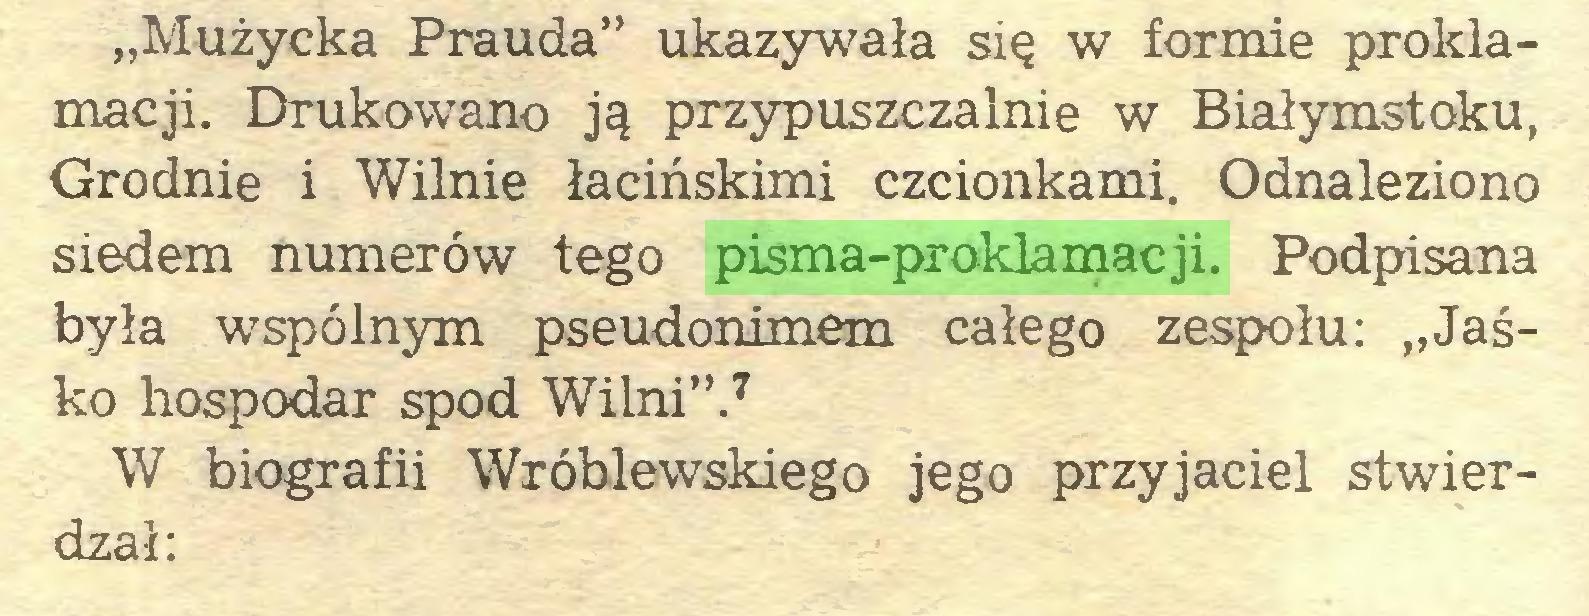 """(...) """"Mużycka Prauda"""" ukazywała się w formie proklamacji. Drukowano ją przypuszczalnie w Białymstoku, Grodnie i Wilnie łacińskimi czcionkami. Odnaleziono siedem numerów tego pisma-proklamacji. Podpisana była wspólnym pseudonimem całego zespołu: """"Jaśko hospodar spod Wilni"""".7 W biografii Wróblewskiego jego przyjaciel stwierdzał:..."""